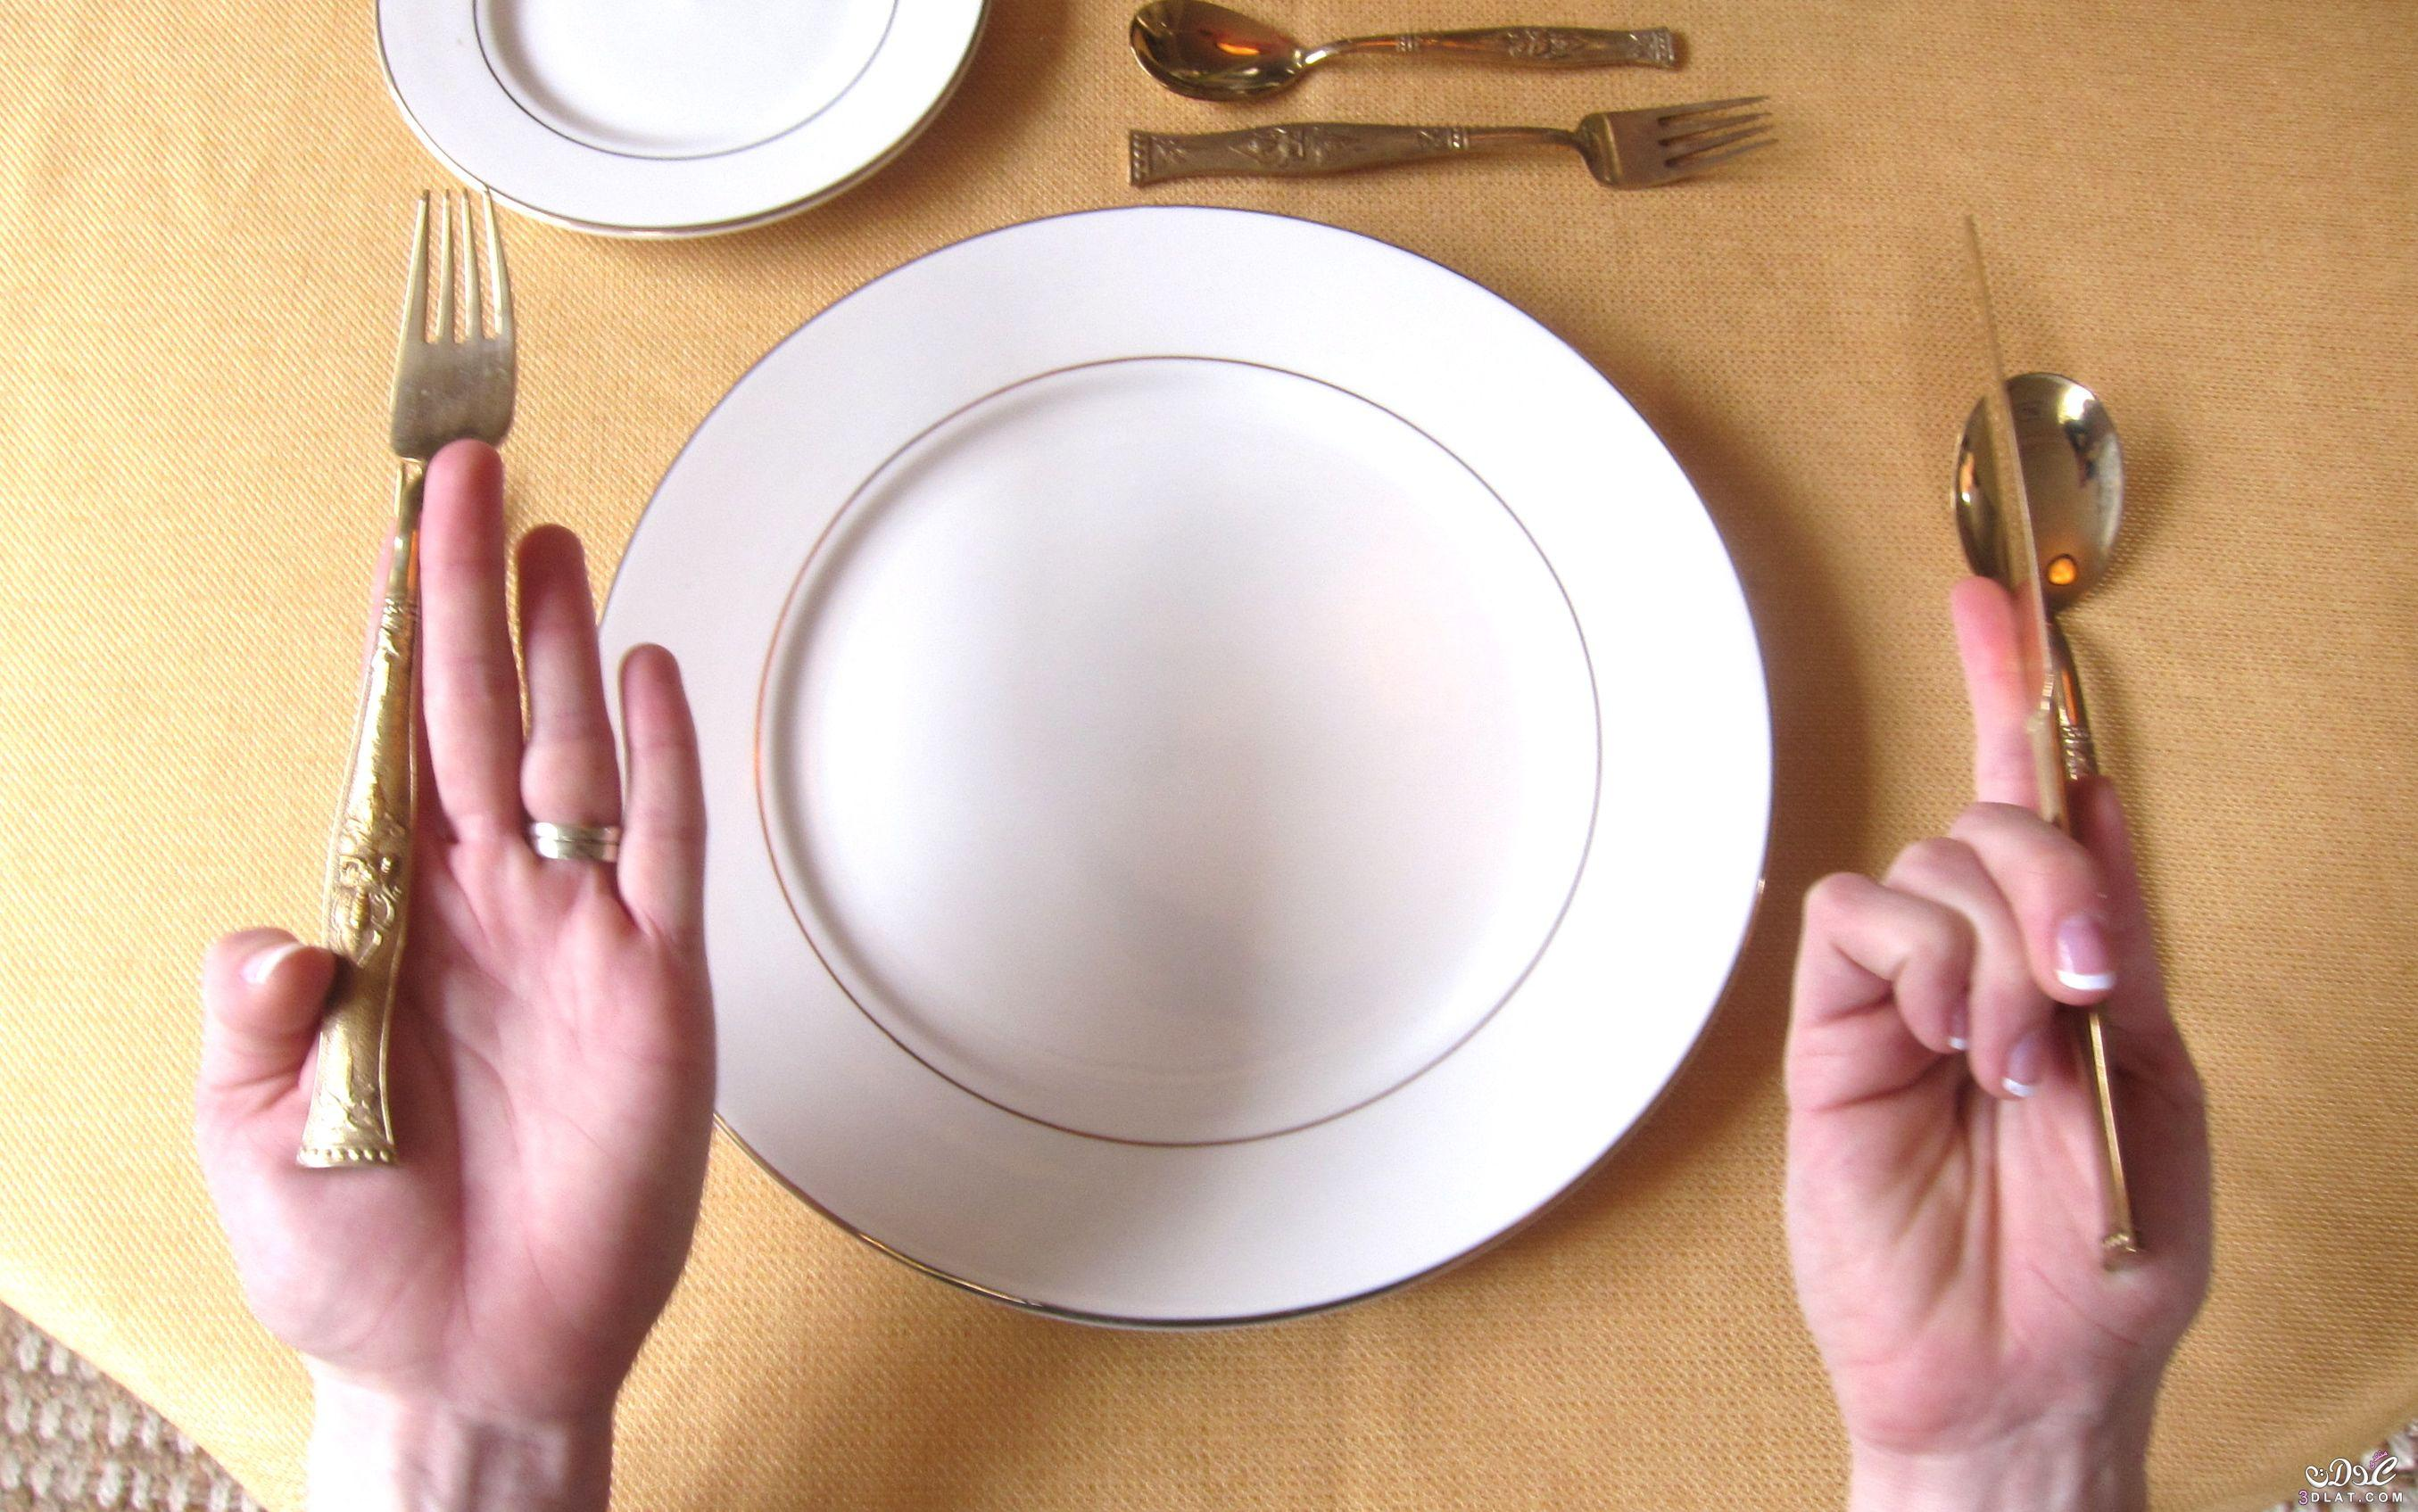 صوره اتيكيت الشوكة والسكين , تعرف على طرق اتيكيت الشوكة والسكين